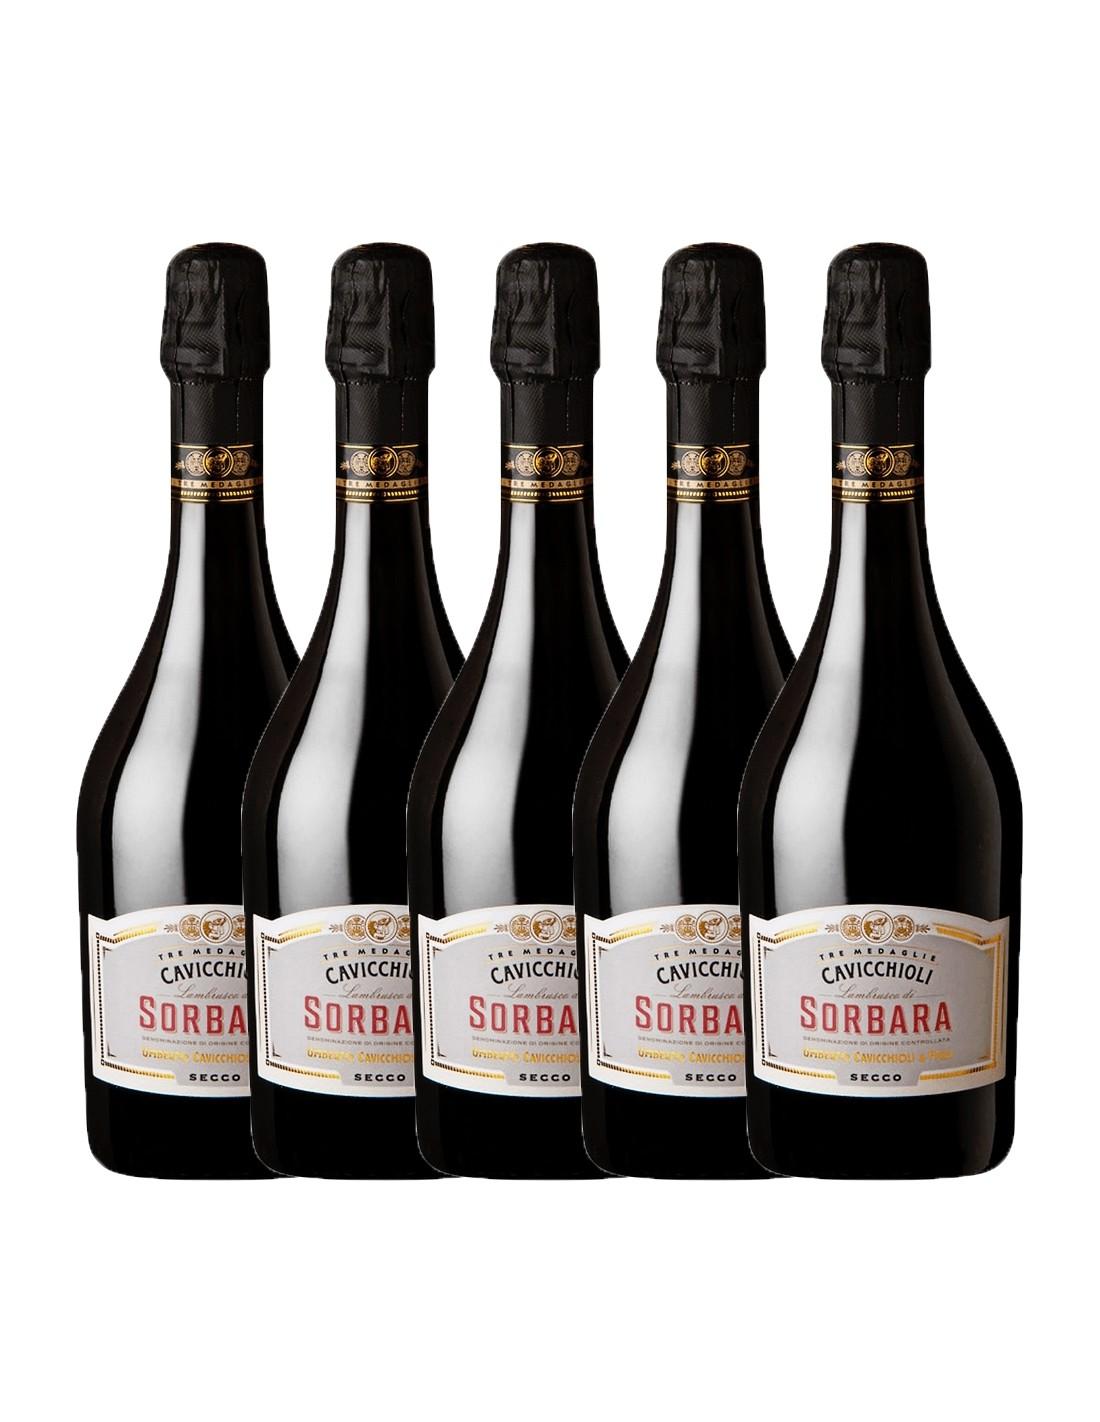 Pachet 5 sticle Vin frizzante Cavicchioli Sorbara Secco, 11% alc., 0.75L, Italia